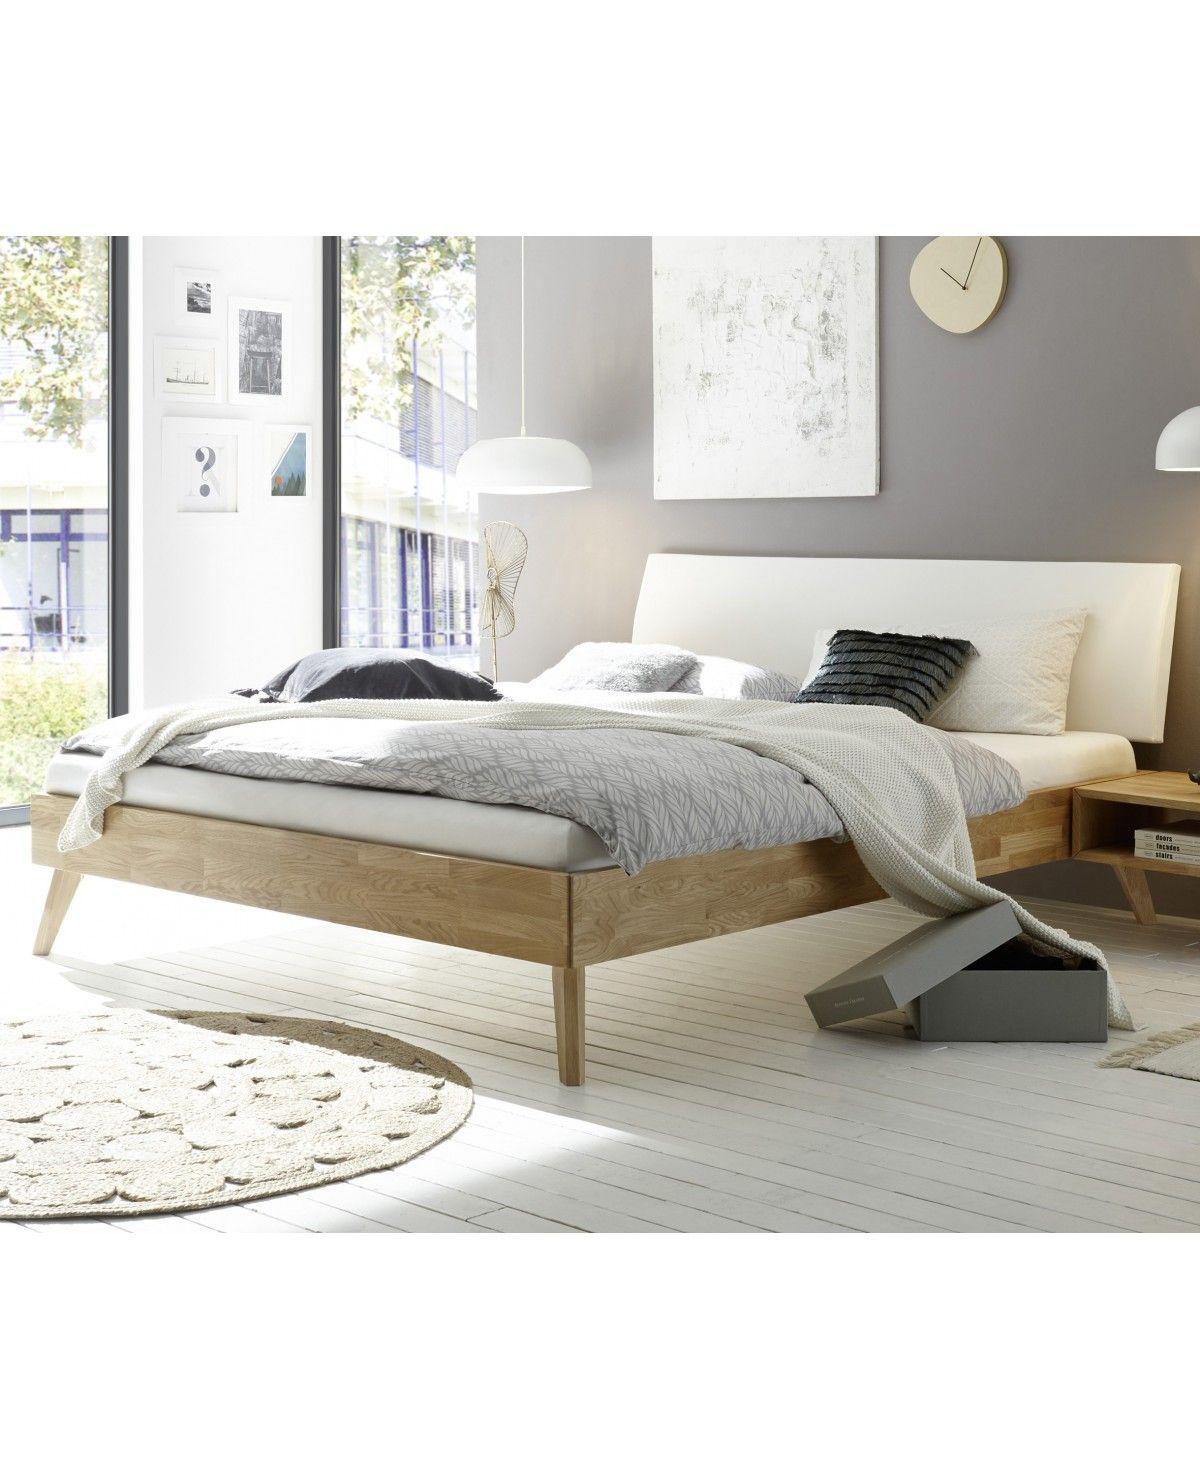 Einzelbett 100x200 Weiss Einzelbett 90200 Weiss Inspirierend Bett